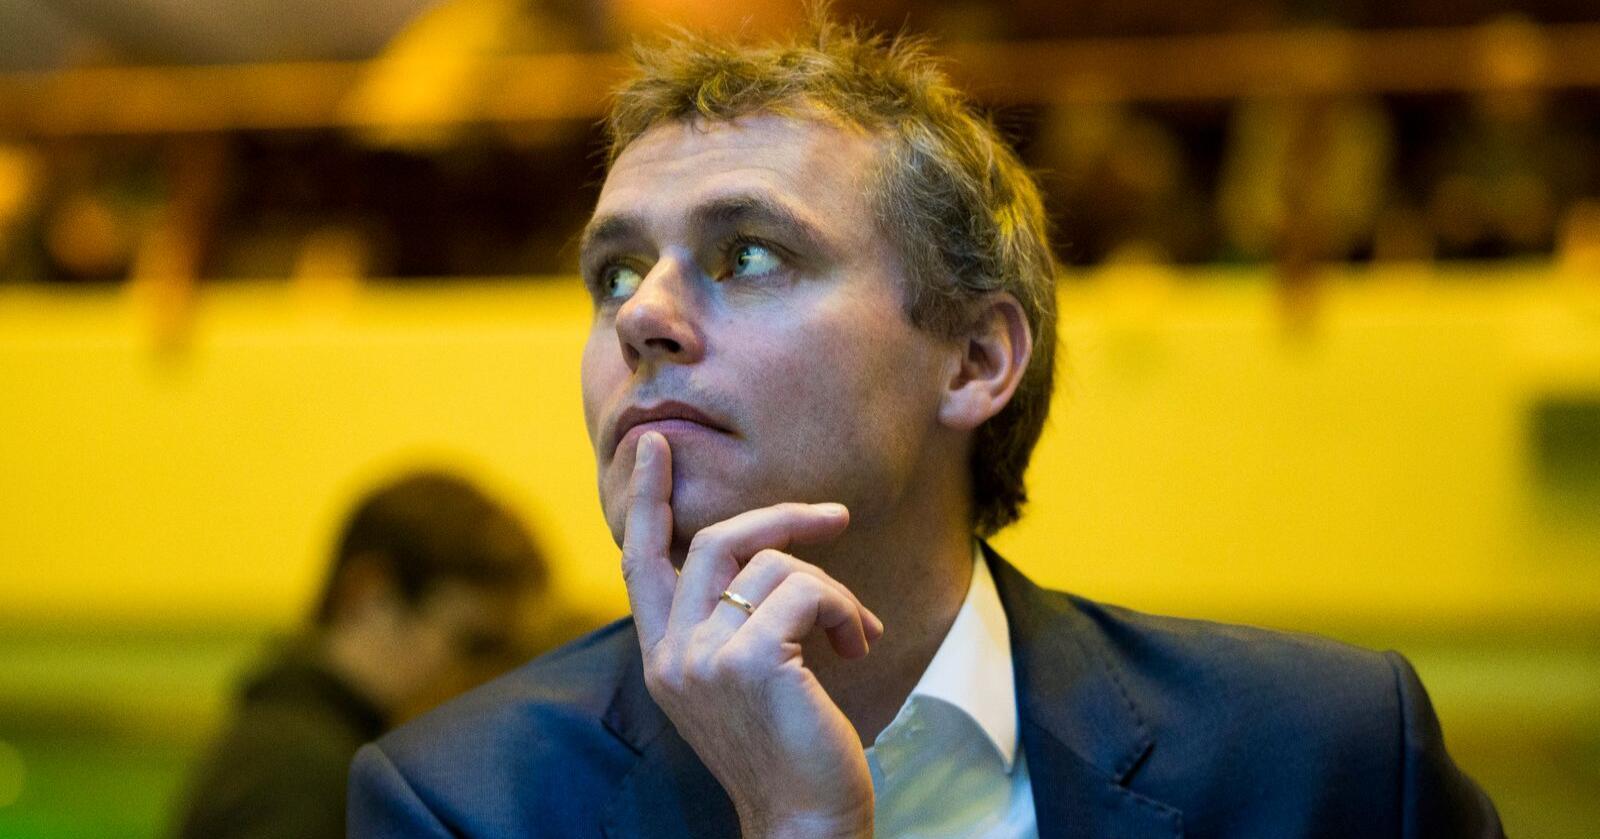 Ola Borten Moe, i dag nestleder i Senterpartiet, var olje- og energiminister i den rødgrønne regjeringen da Barentshavet sørøst ble åpnet for oljeboring. Foto: Terje Pedersen/NTB scanpix